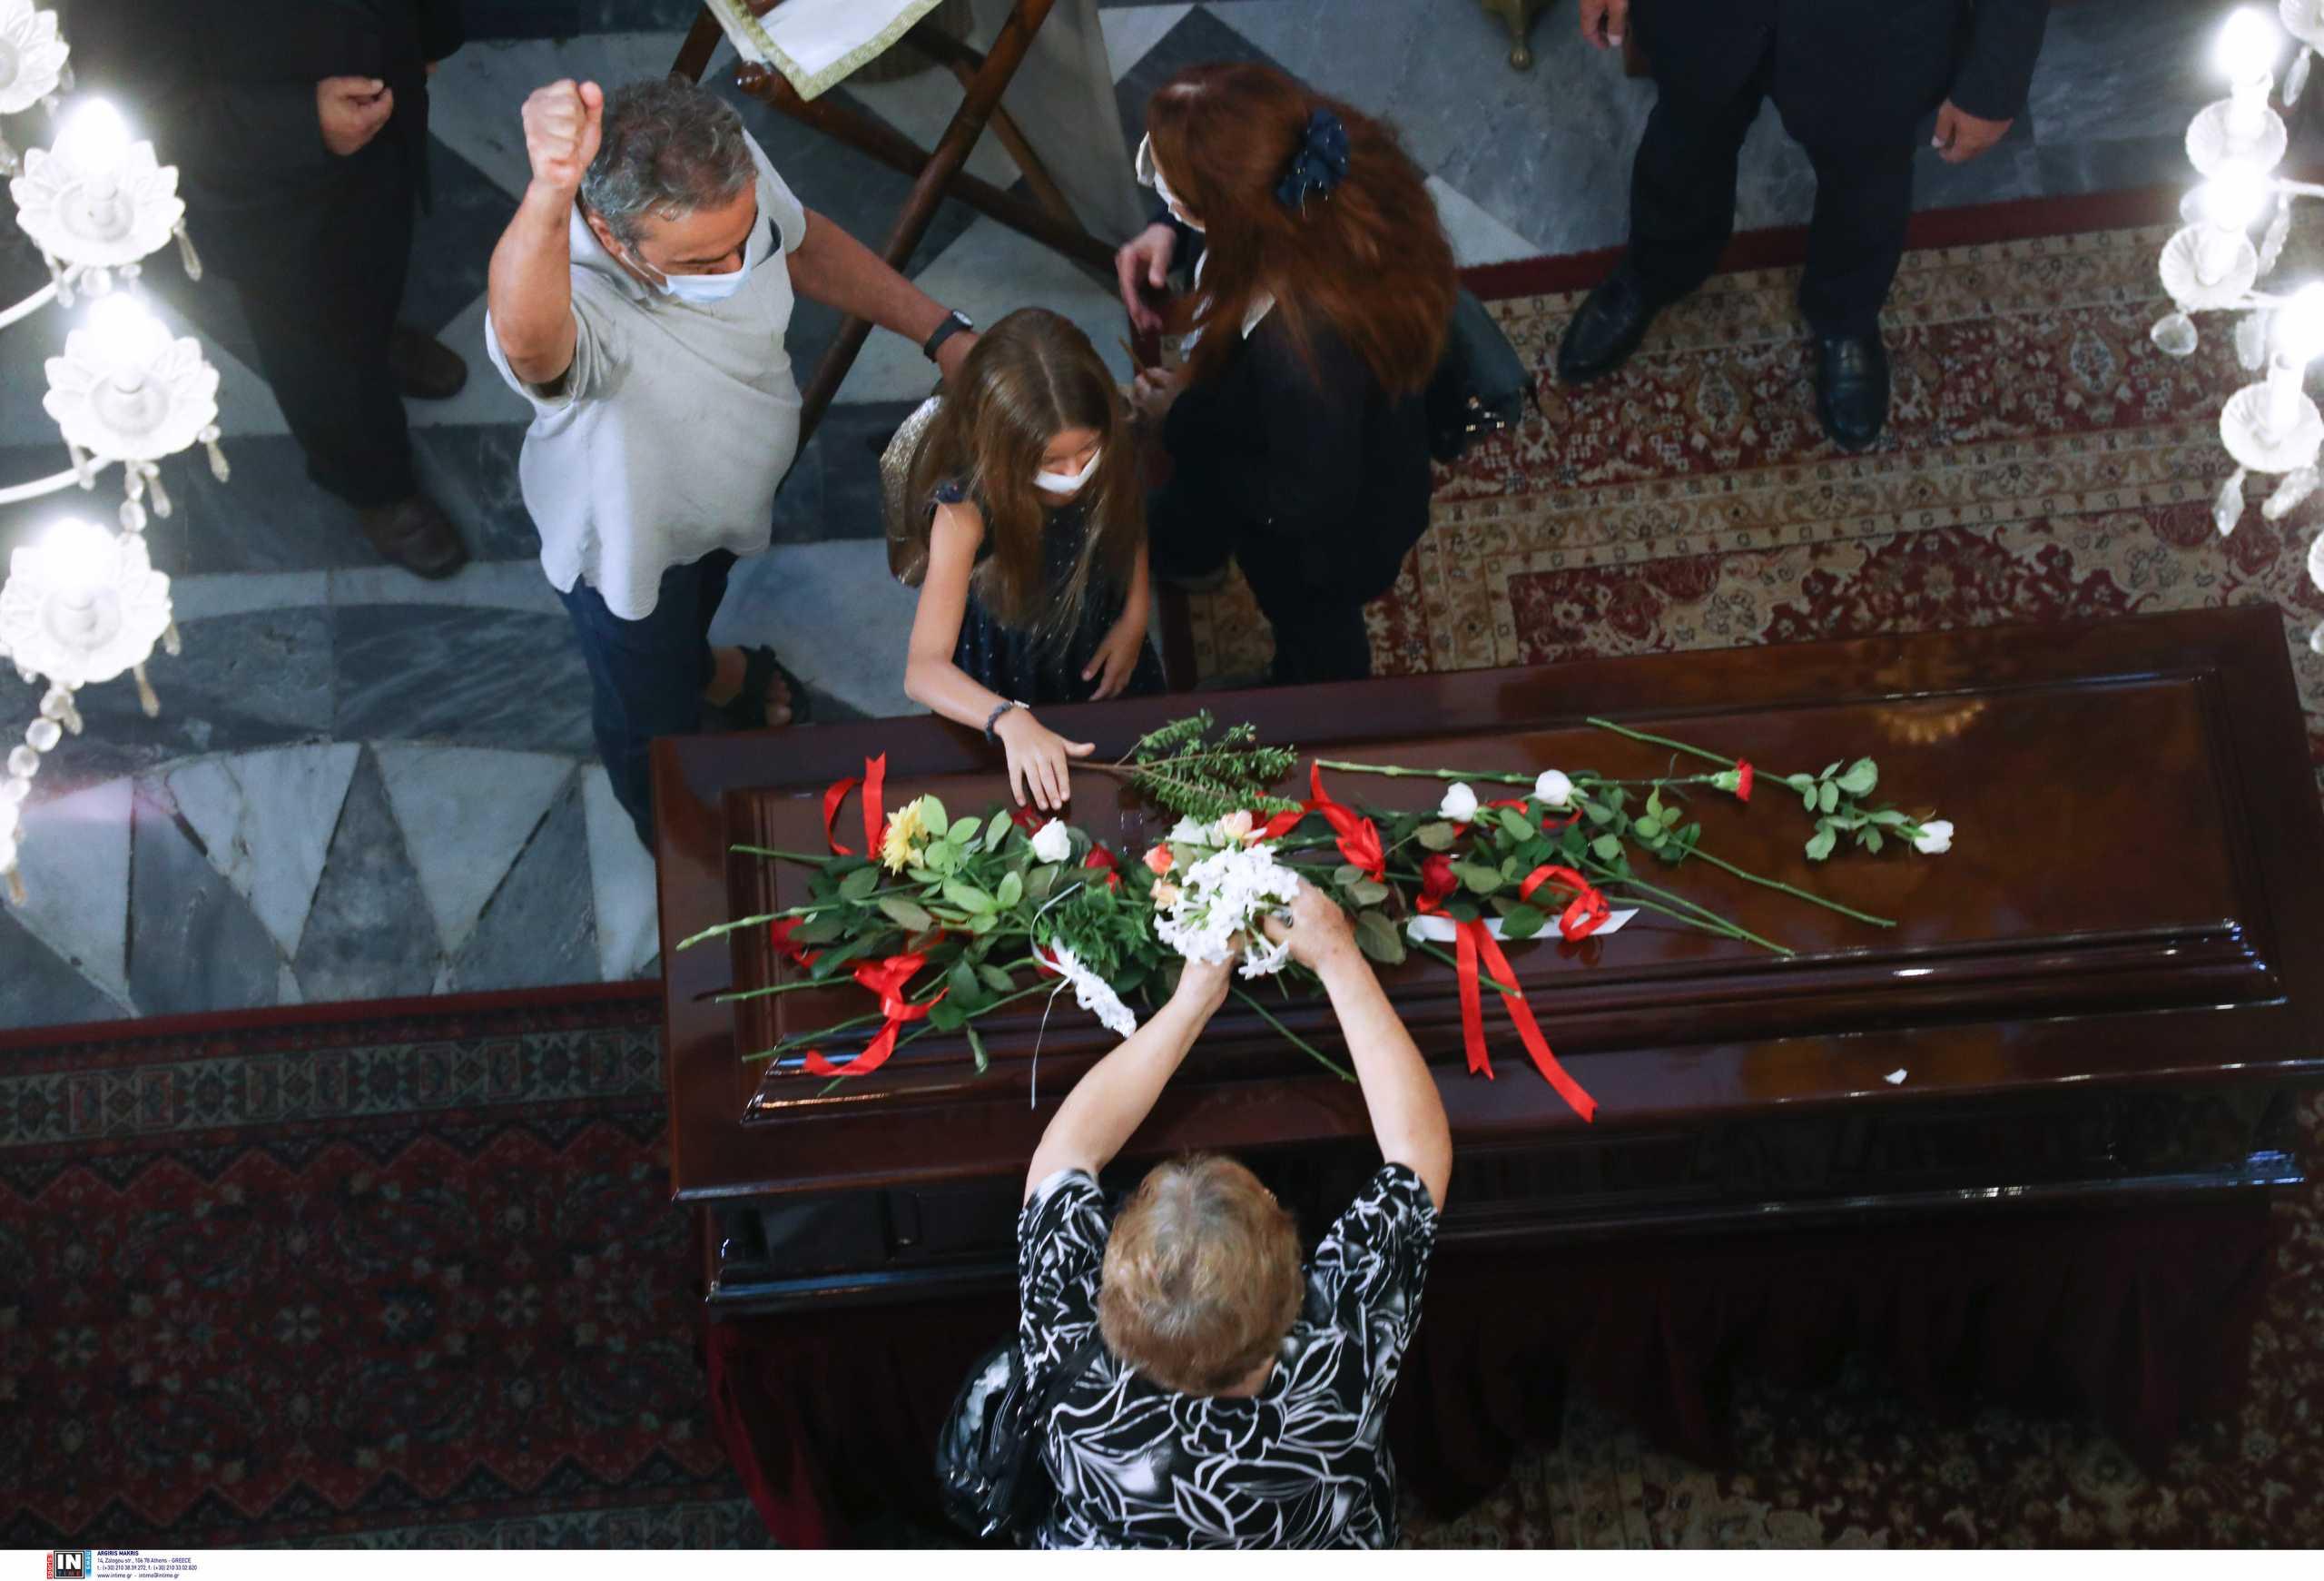 Μίκης Θεοδωράκης: Ρίγη συγκίνησης στα Χανιά – 96 βρακοφόροι και πλήθος κόσμου τον αποχαιρετούν